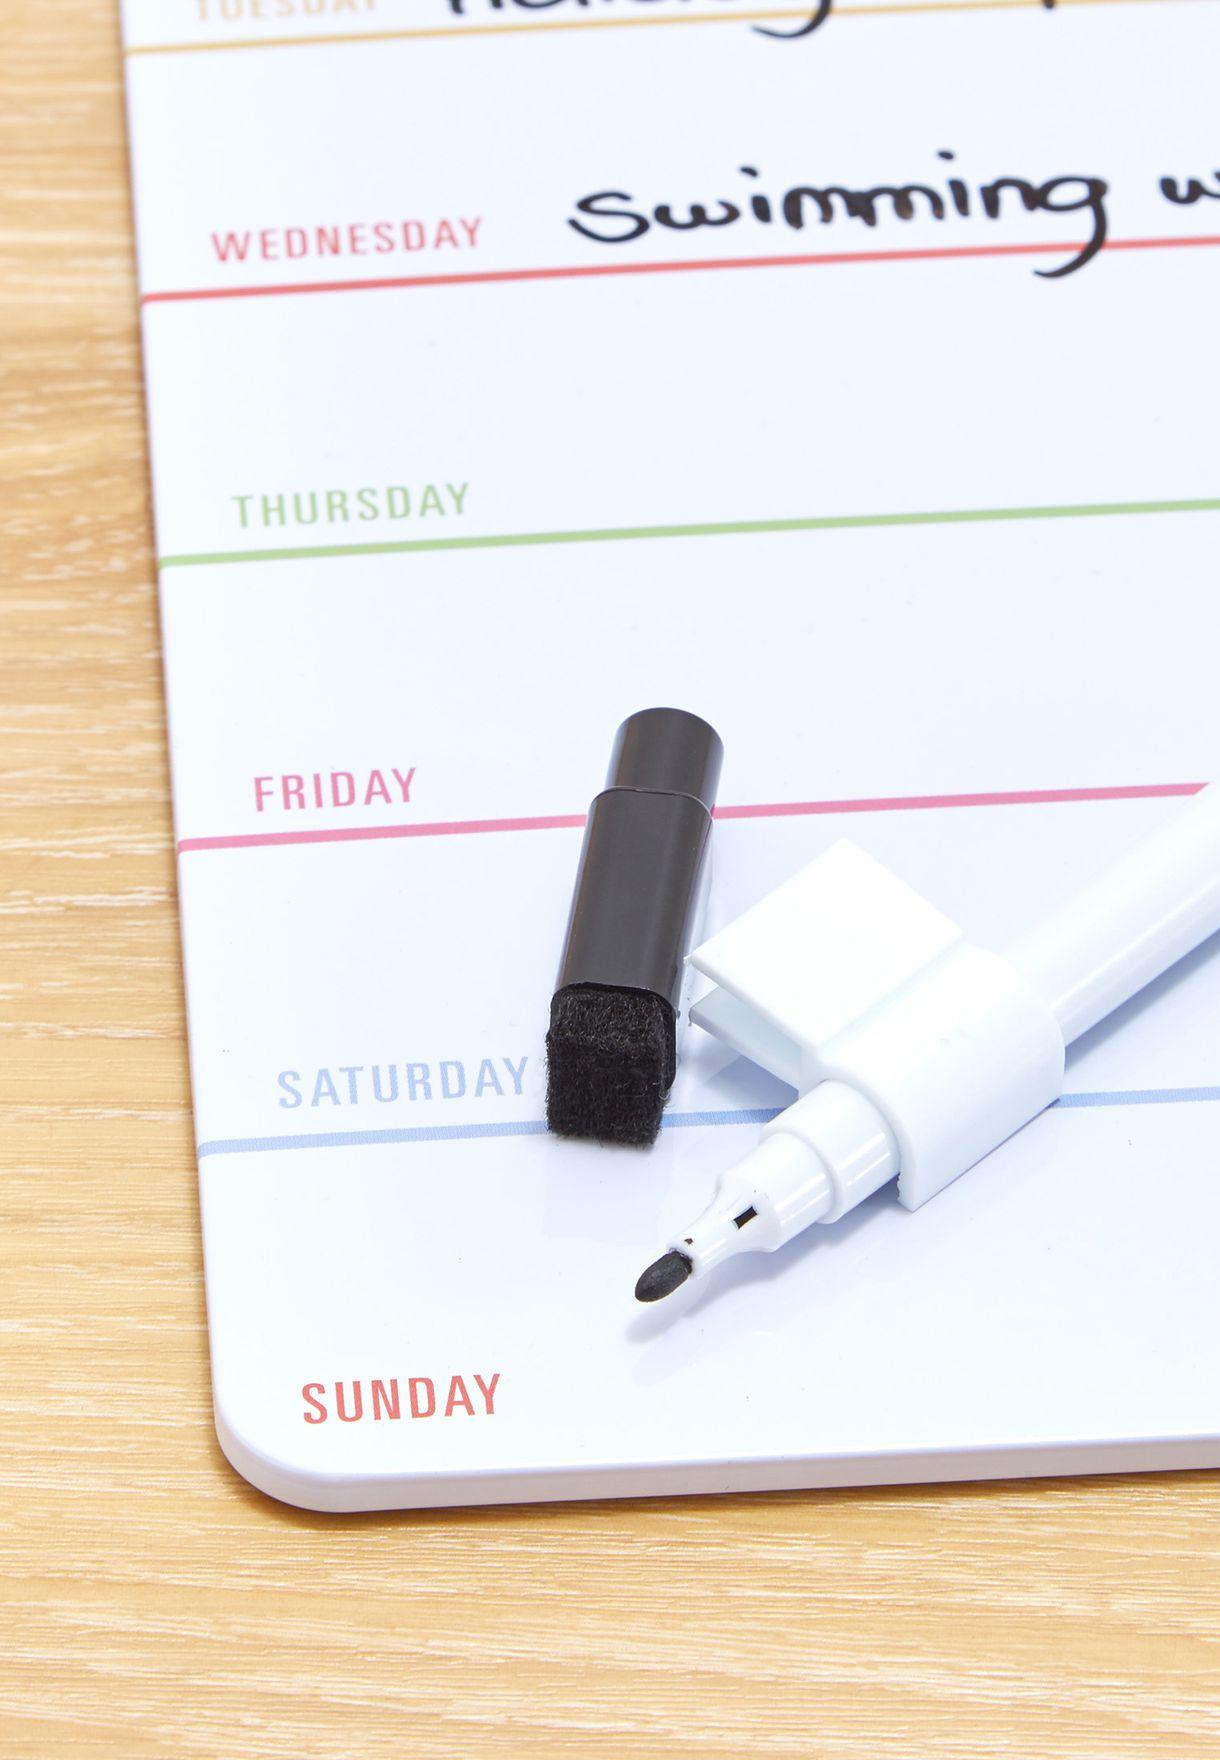 جدول تخطيط يومي ممغنط